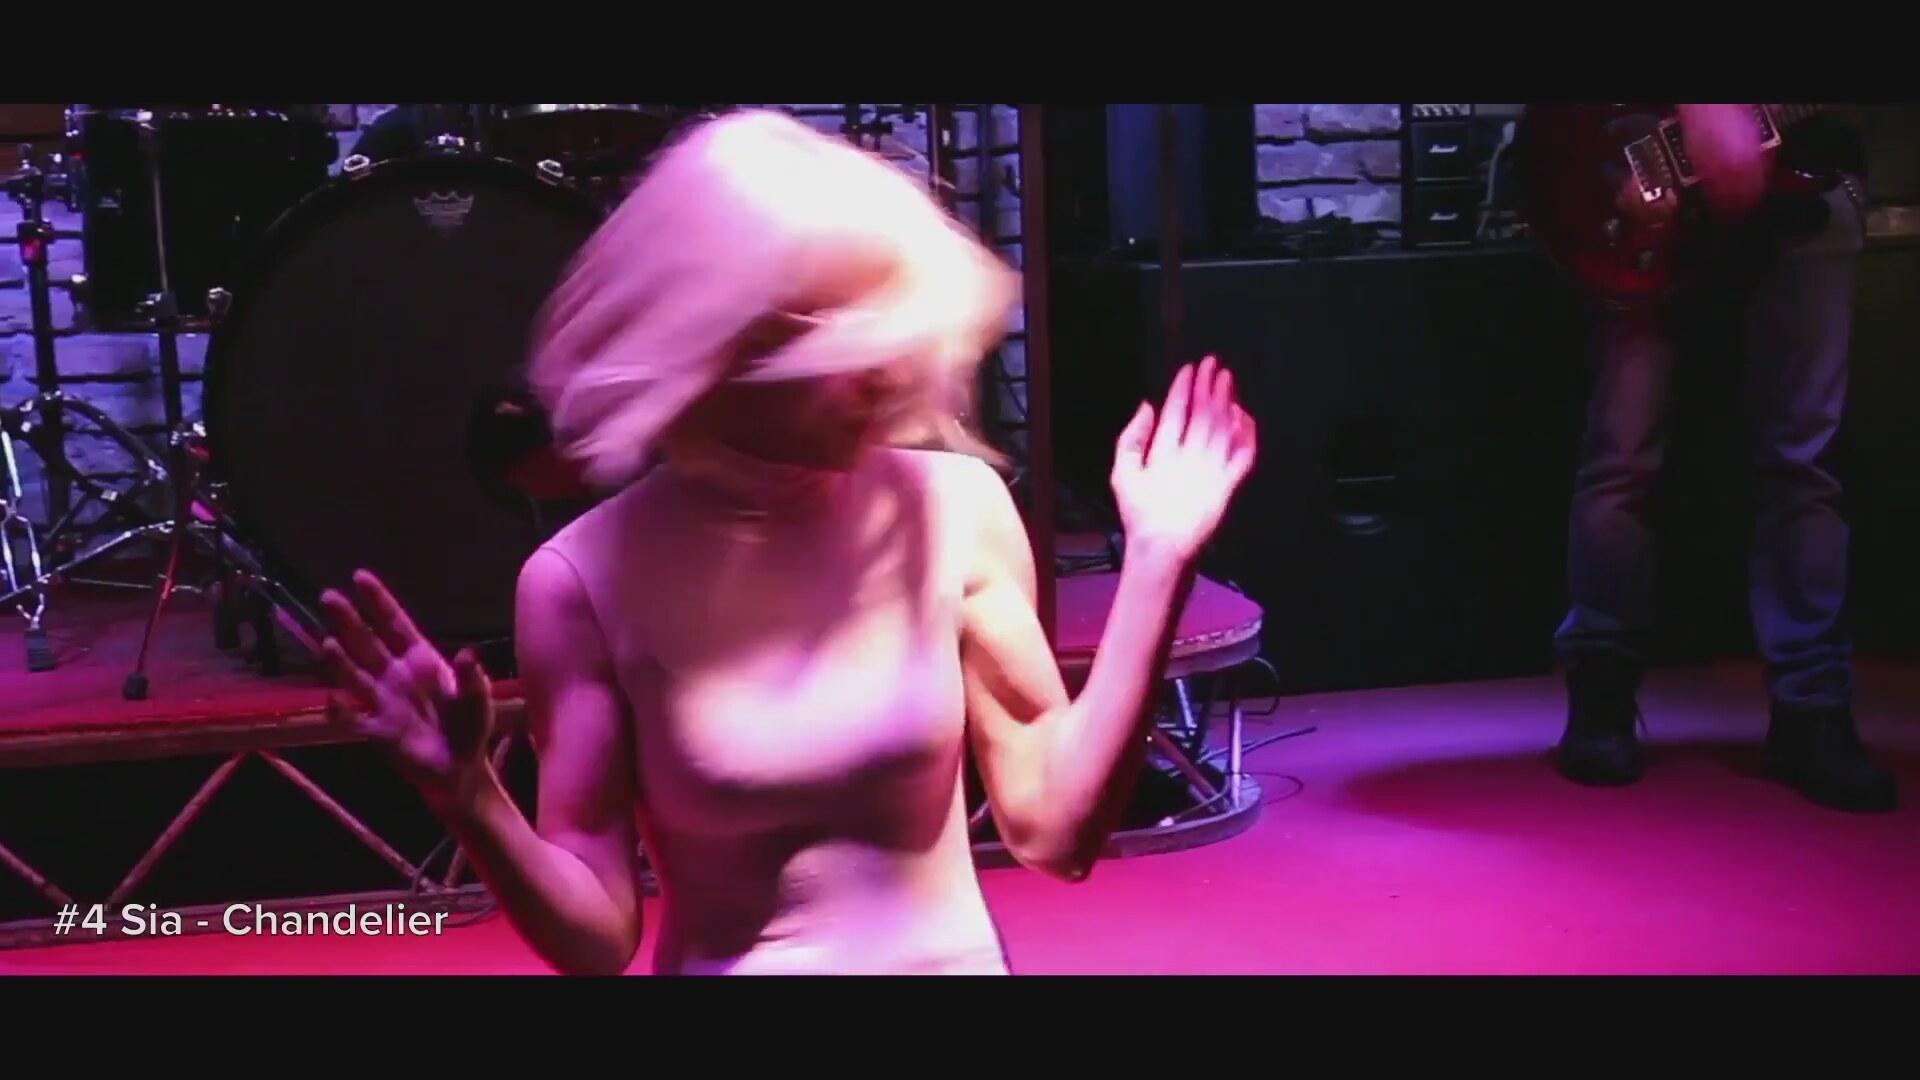 Sia Chandelier Şarkıları Dinle - Müzik Klipleri   İzlesene.com